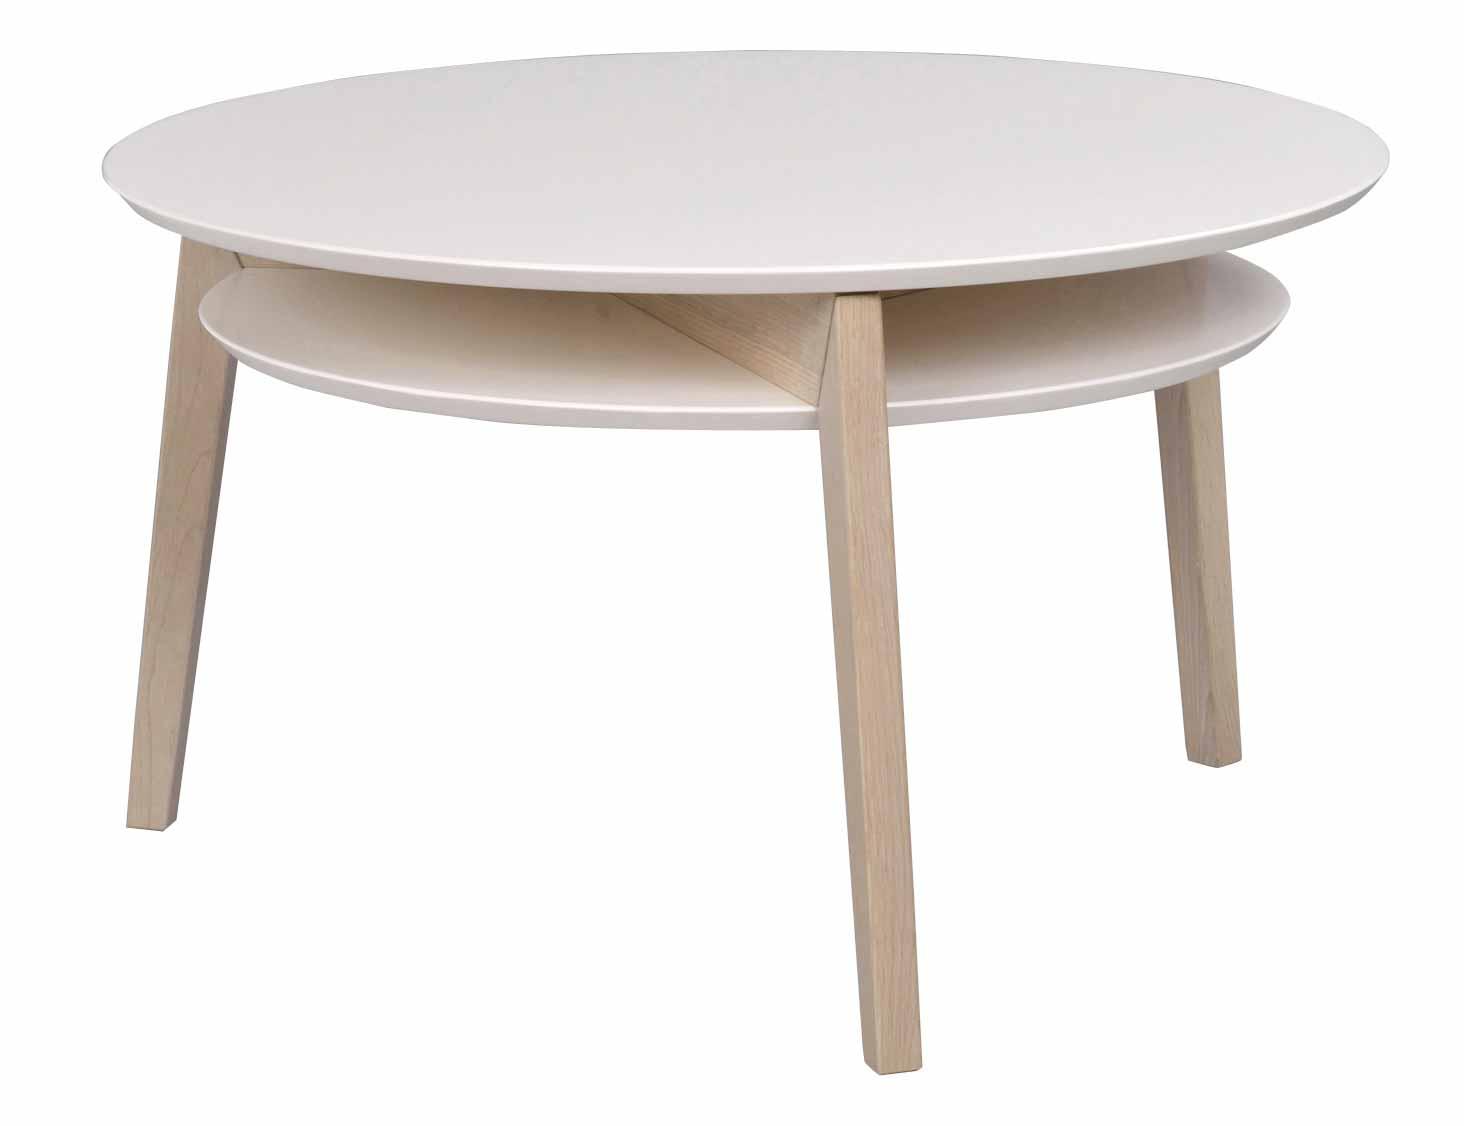 Rodeo sofabord - Hvidpigmenteret egetræ, rundt (Ø:85)